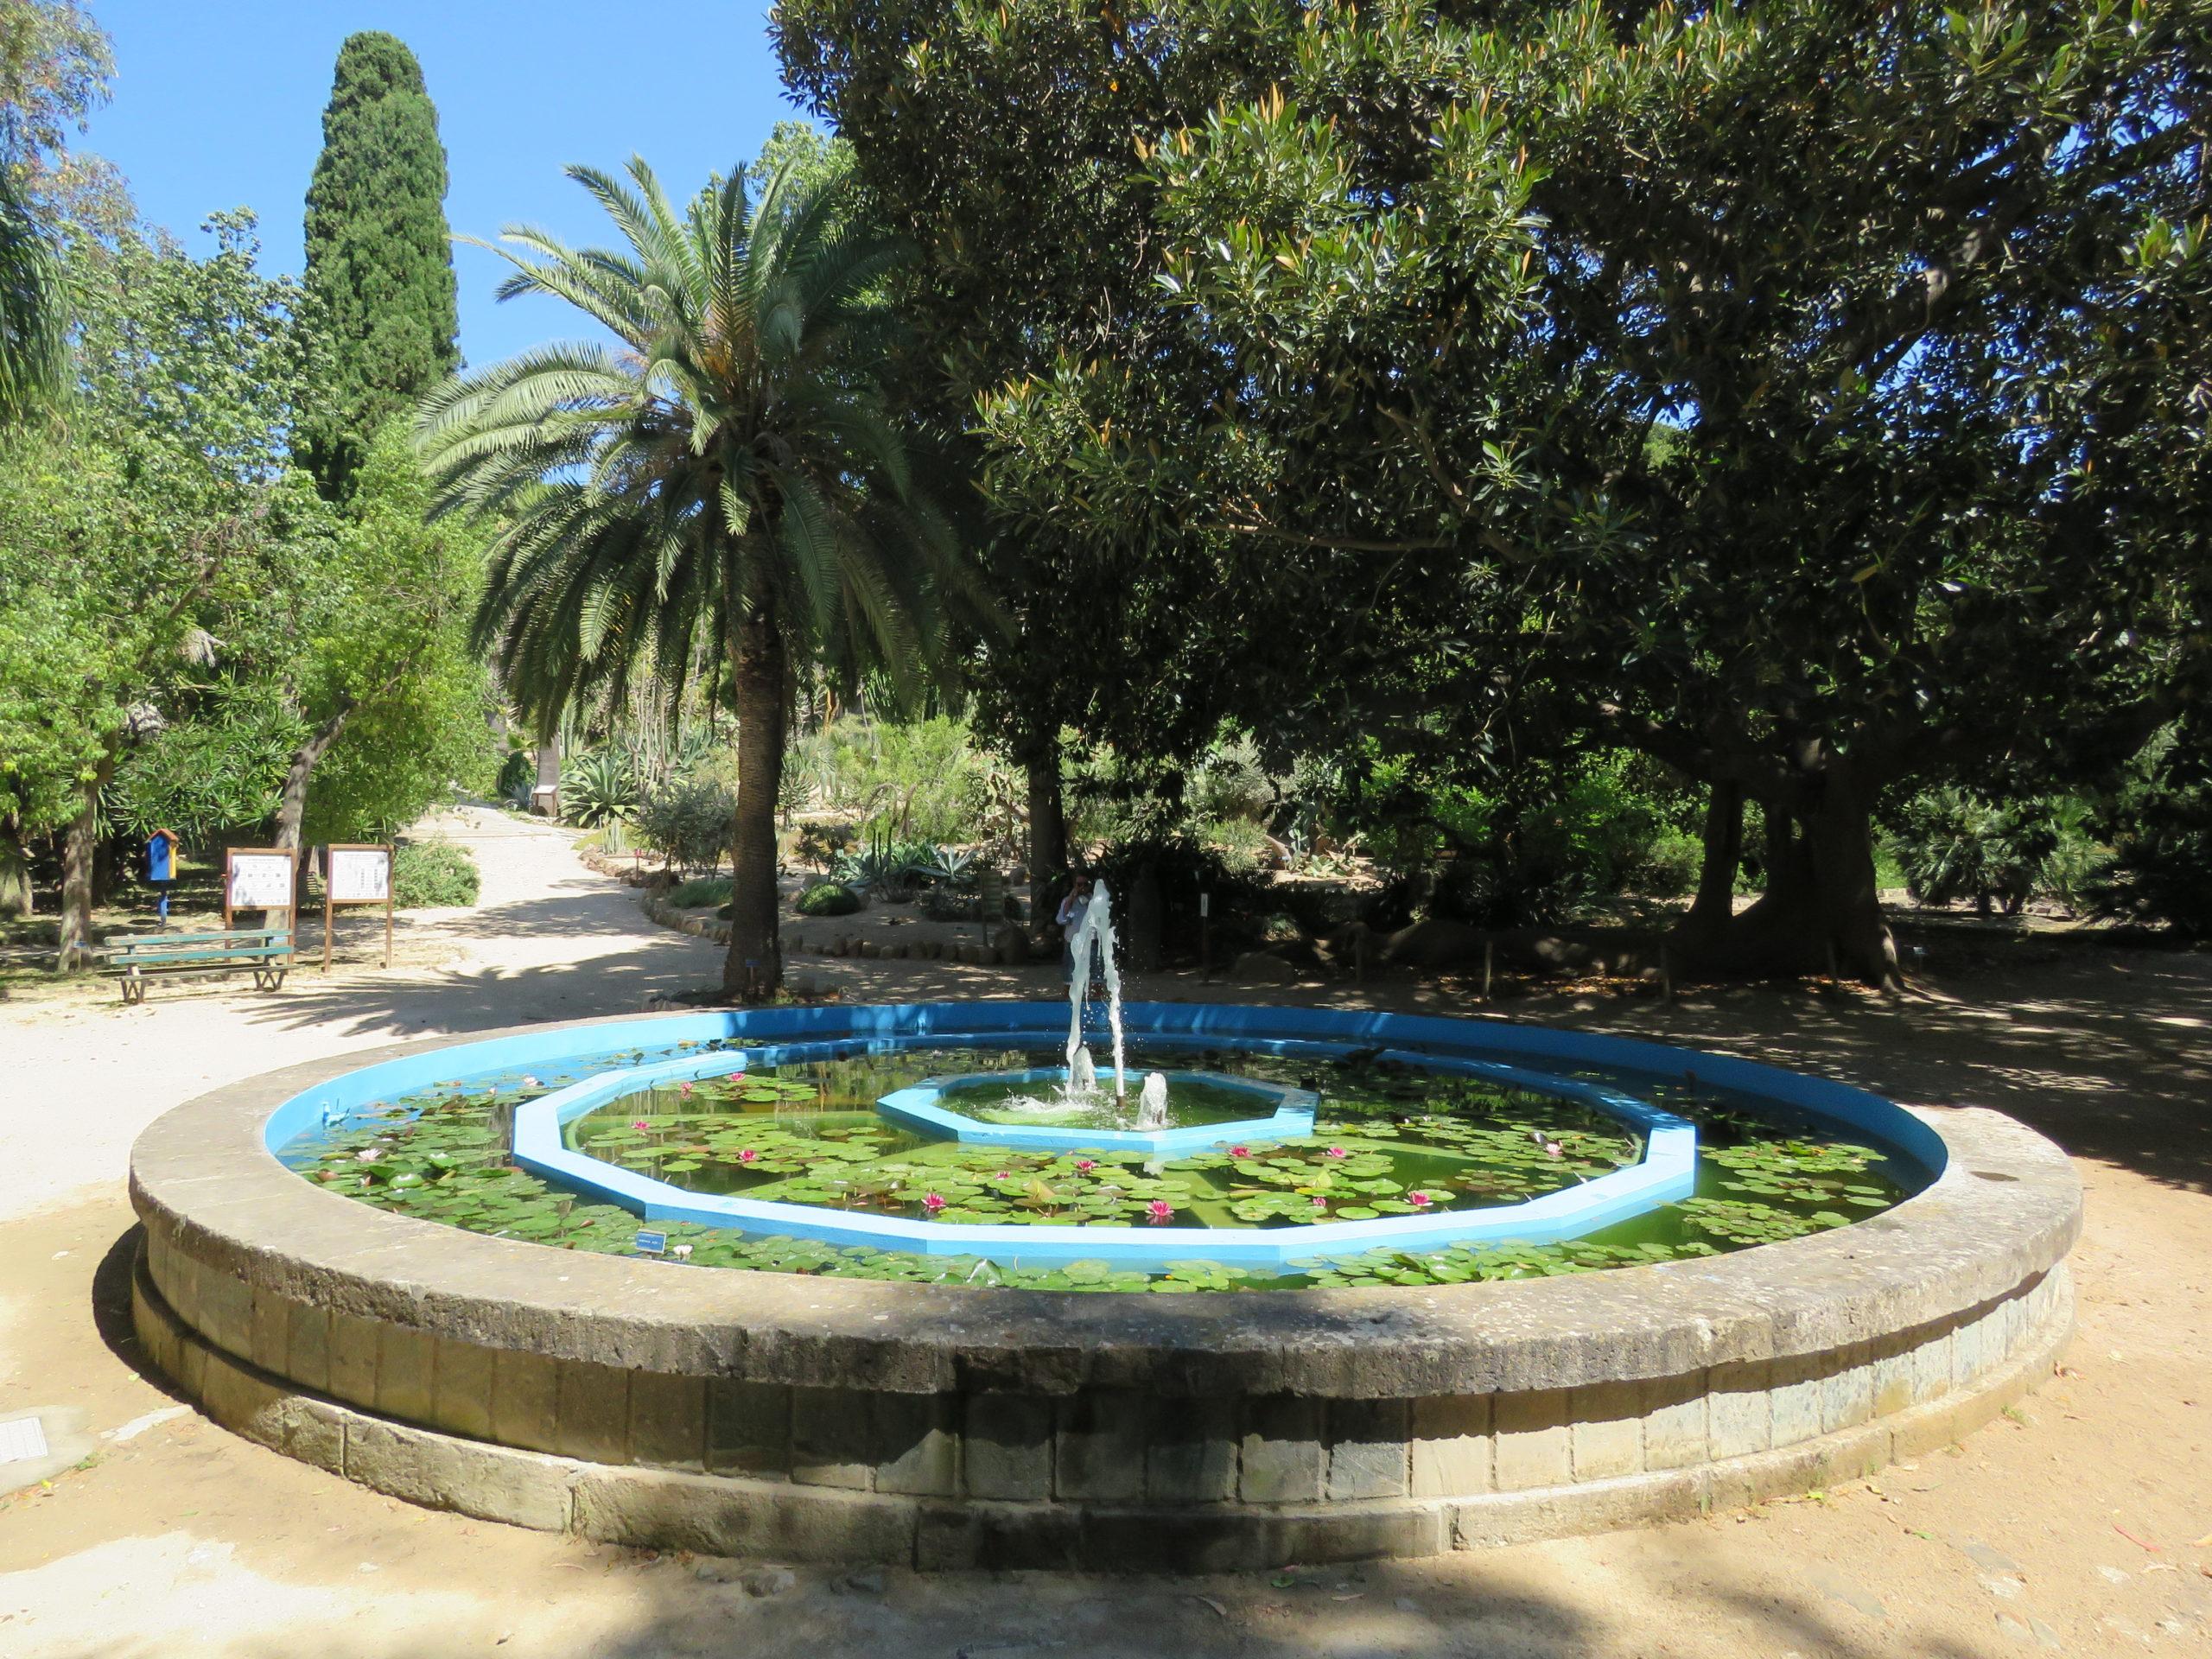 Orto Botanico di Cagliari HBK - Hortus Botanicus Karalitanus